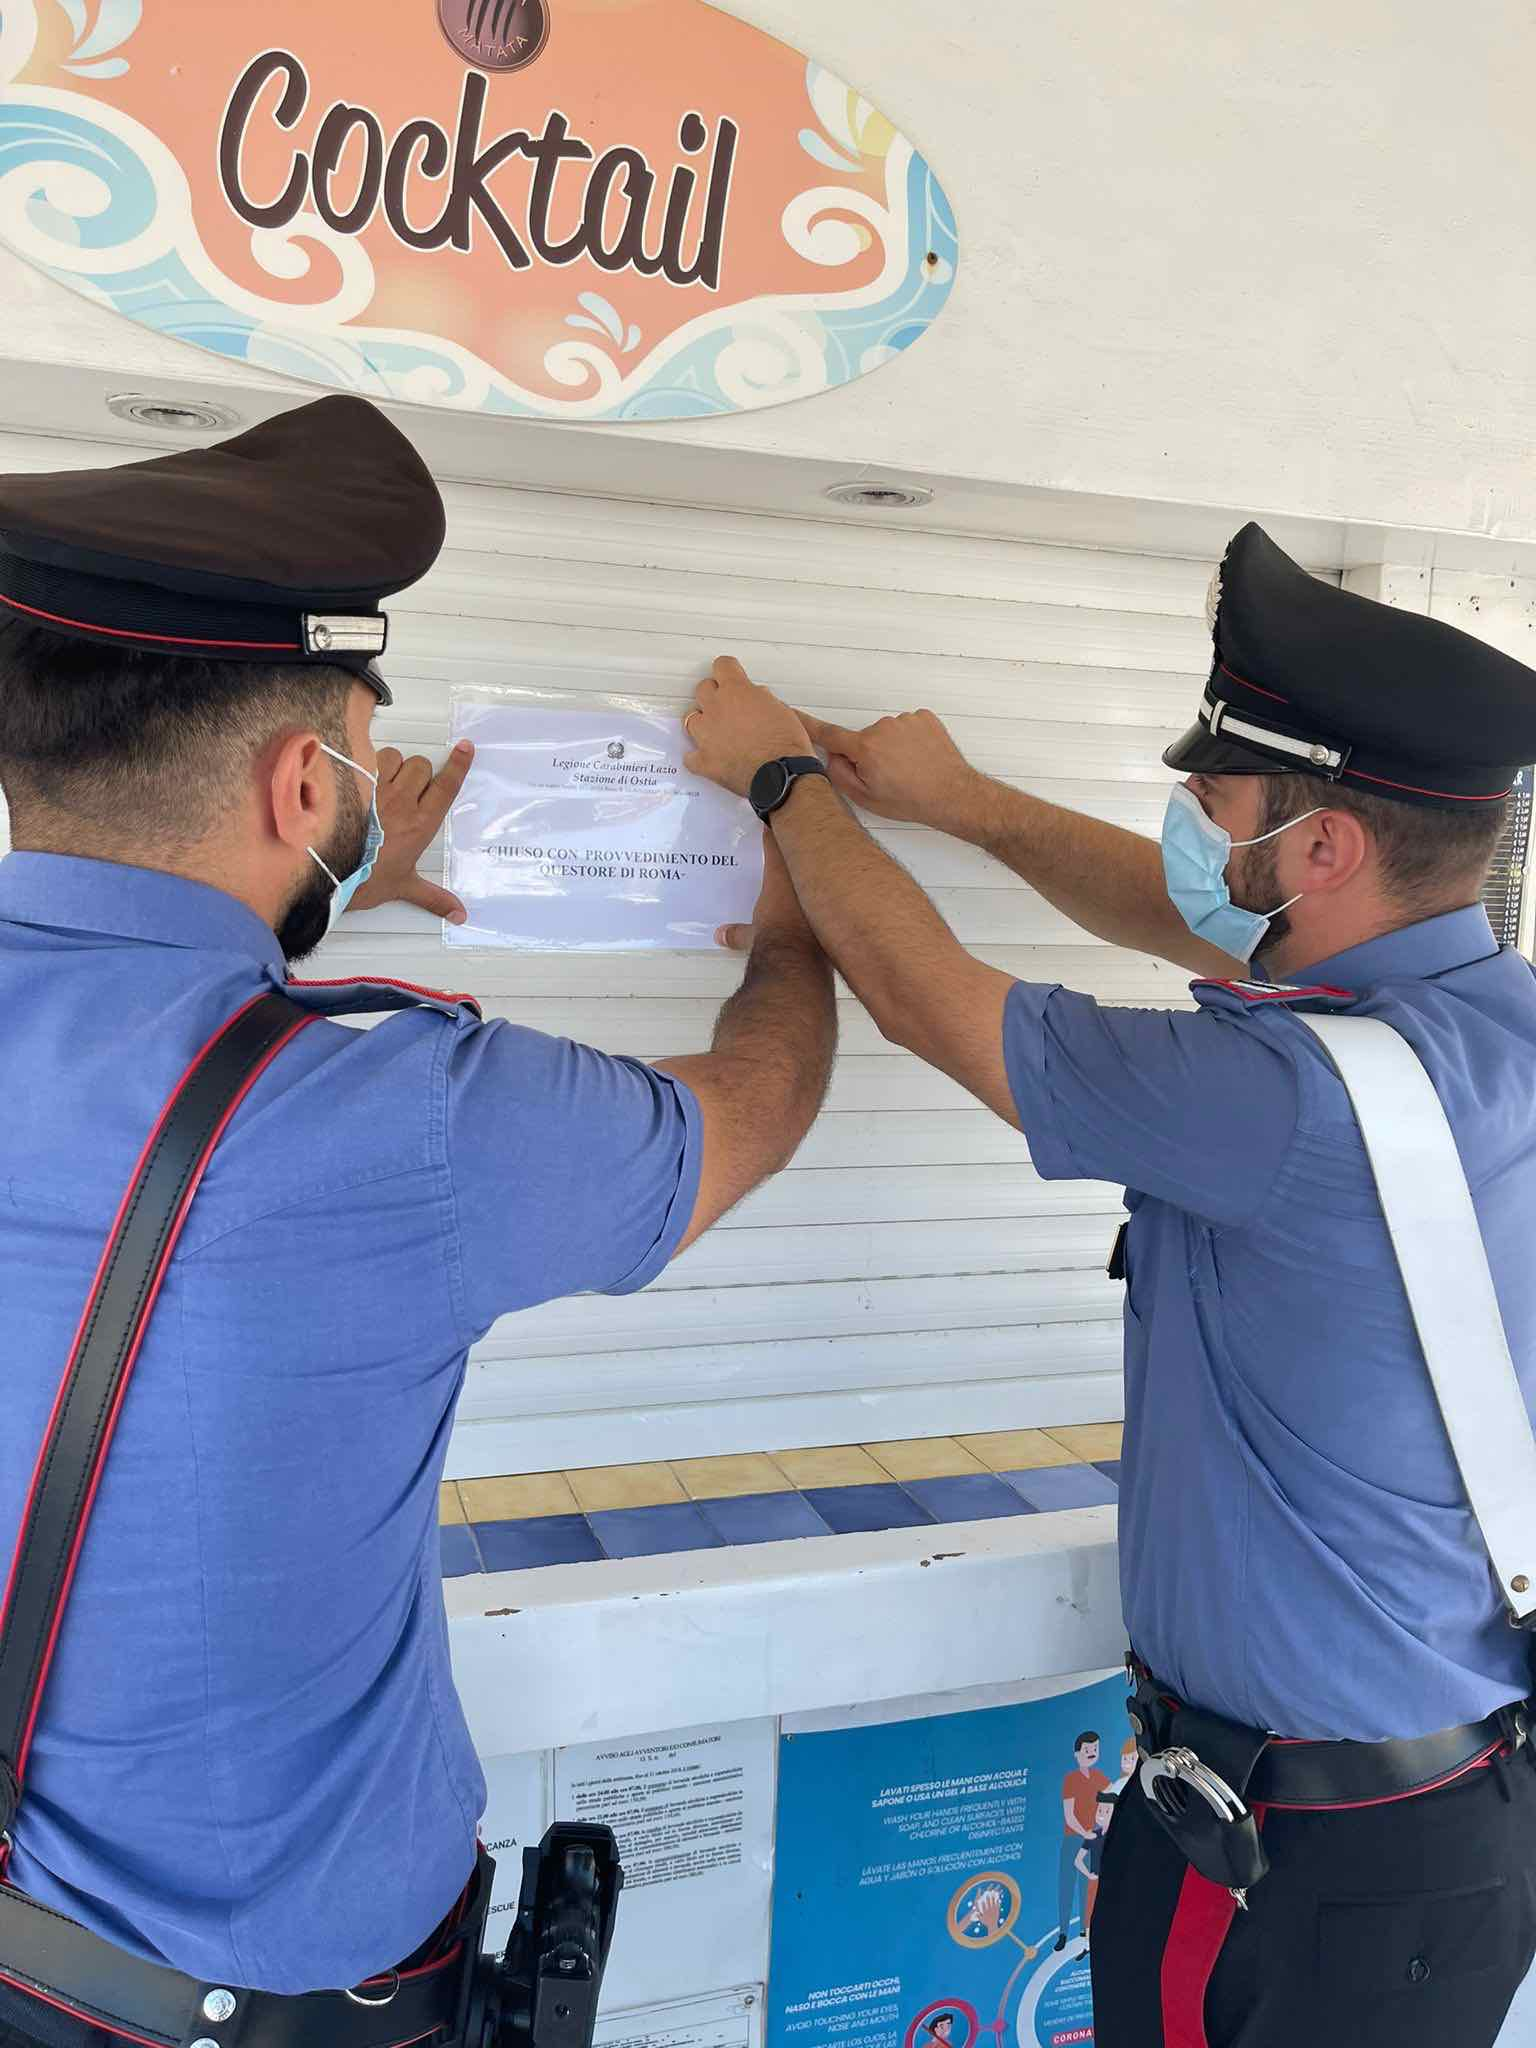 chiuso chiosco hakuna matata carabinieri